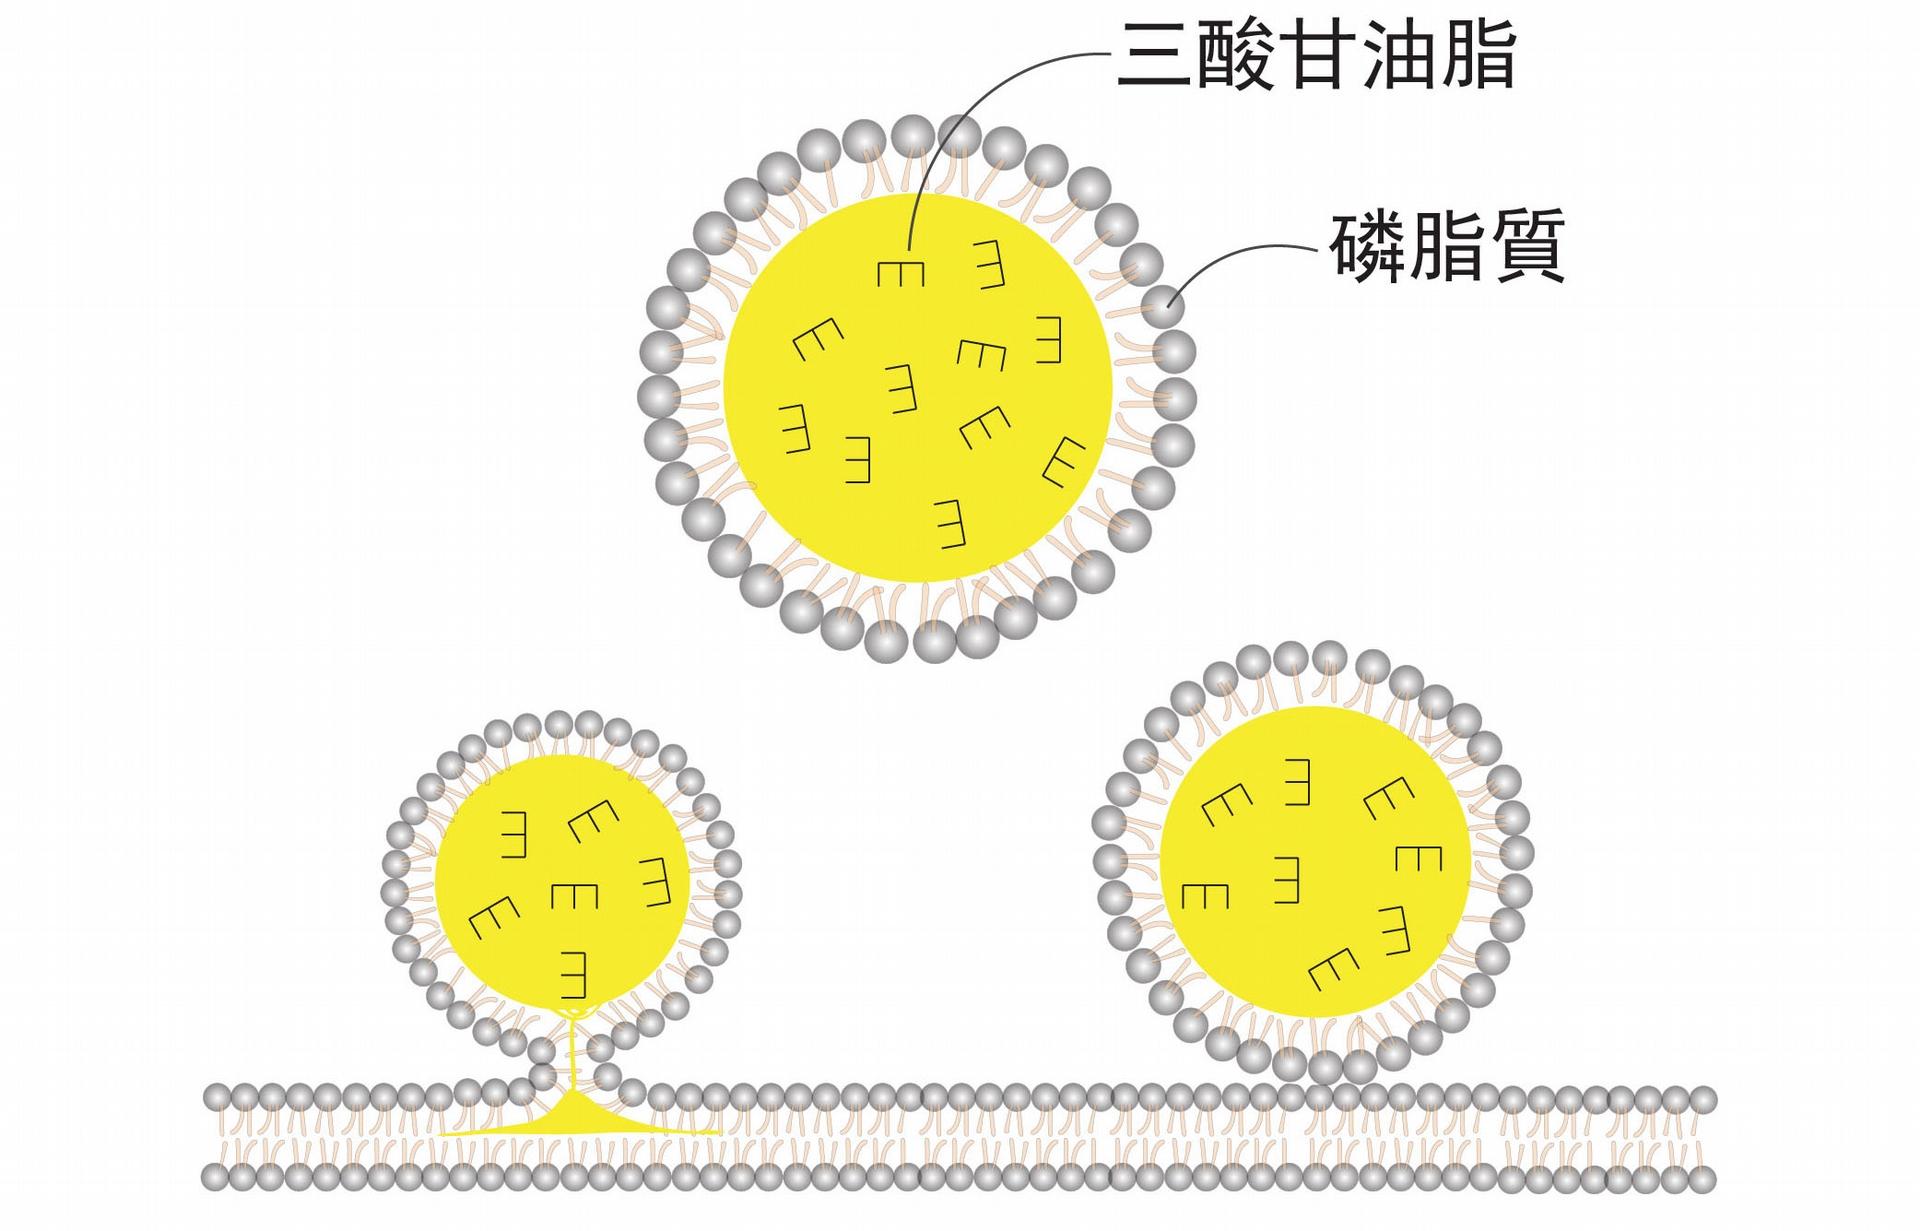 油滴的基本構造,就是一個脂肪球。外面一層膜由「磷脂質」組成,裡面包裹主要是類似「三酸甘油脂」之類的中性脂肪。油滴是從脂肪細胞中的內質網生成,它在細胞中的大小並不一致。 圖片來源│王昭雯